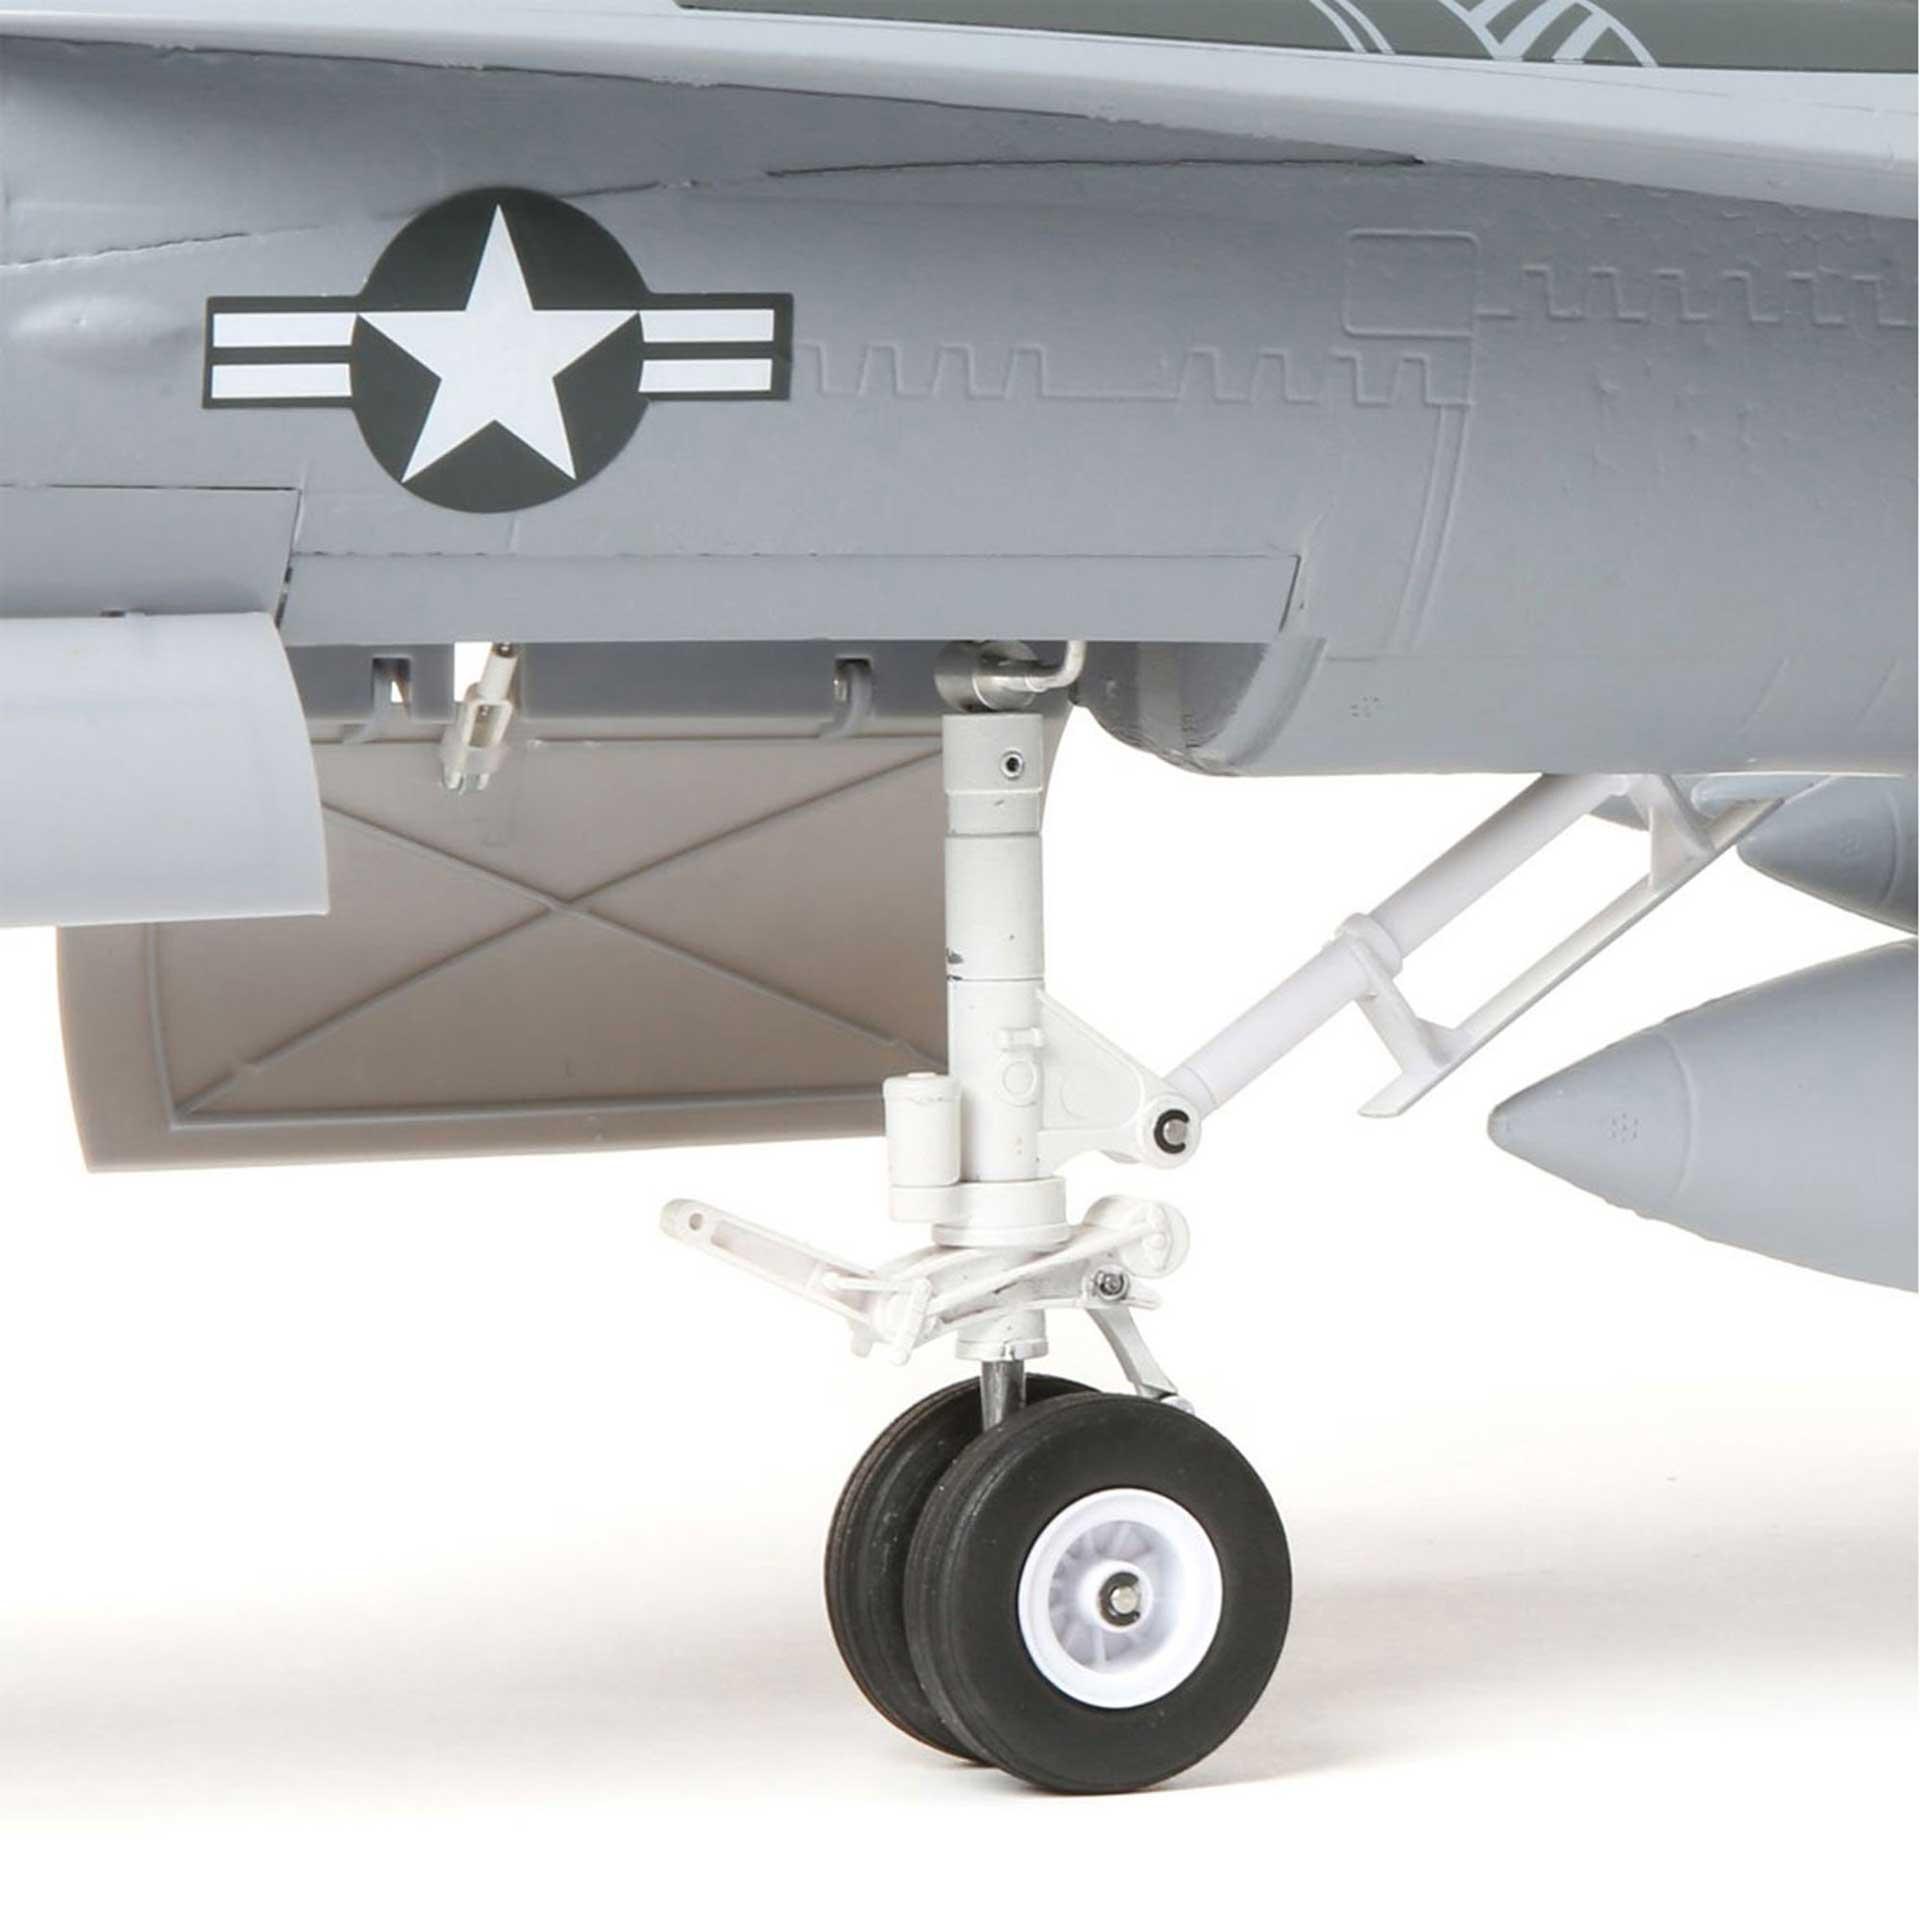 E-Flite F-18 80MM EDF BNF BASIC AS3X UND SAFE SELECT E-IMPELLER JET